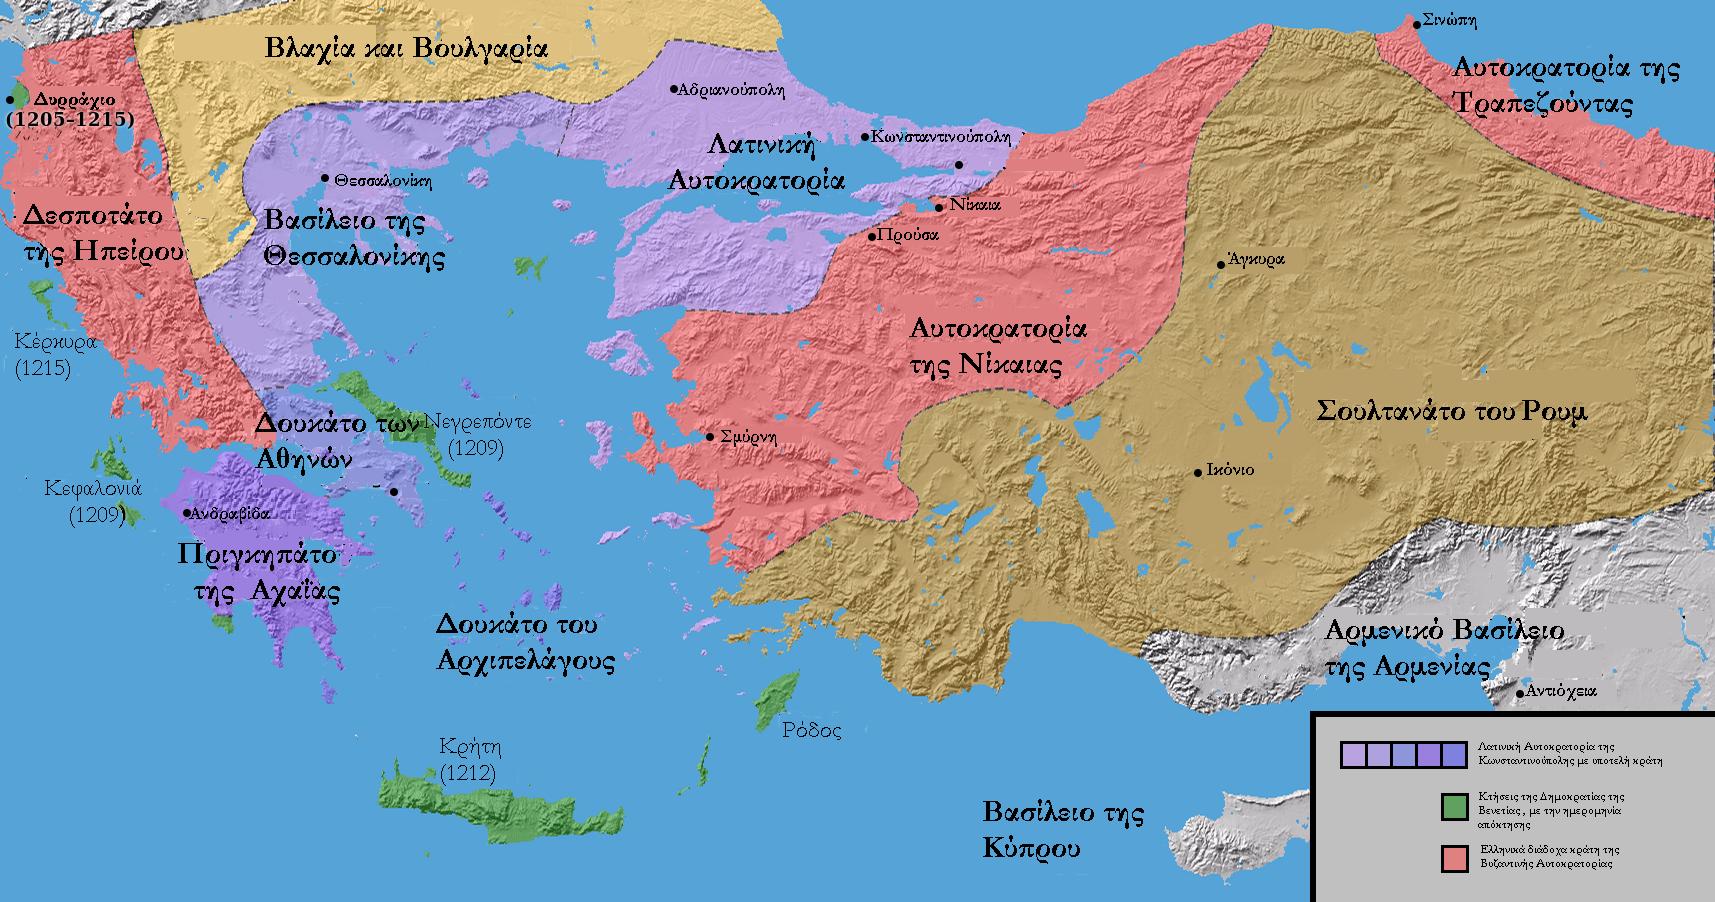 Τα κράτη που προέκυψαν μετά την κατάκτηση της Κωνσταντινούπολης το 1204. Τα σύνορα είναι κατά προσέγγιση.